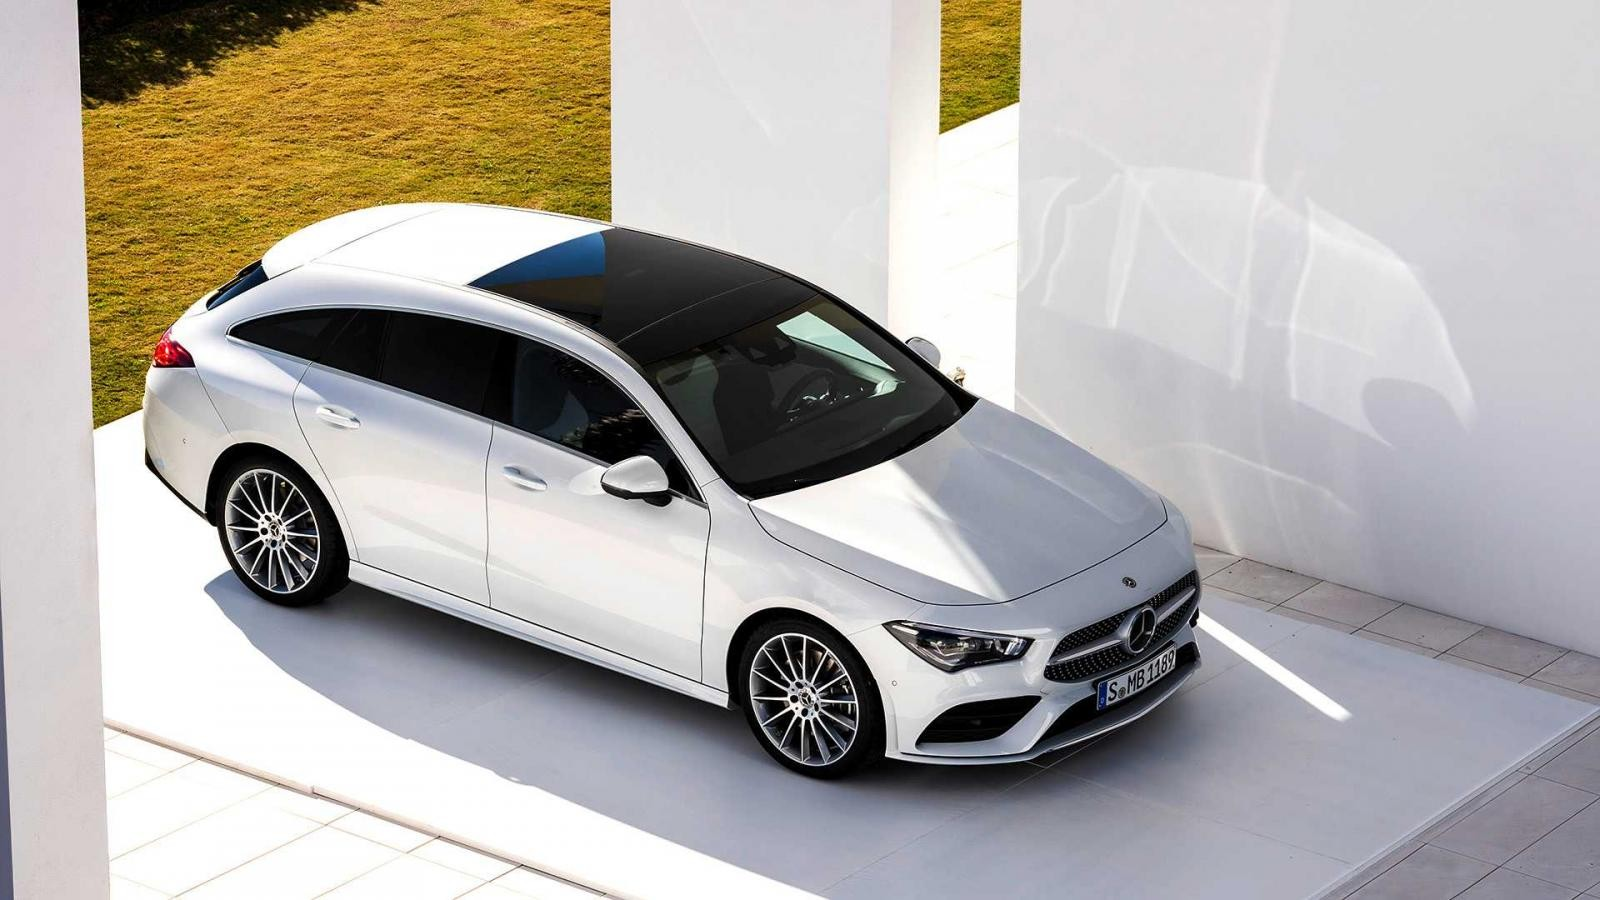 Thiết kế ngoại thất của Mercedes-Benz CLA Shooting Brake 2019